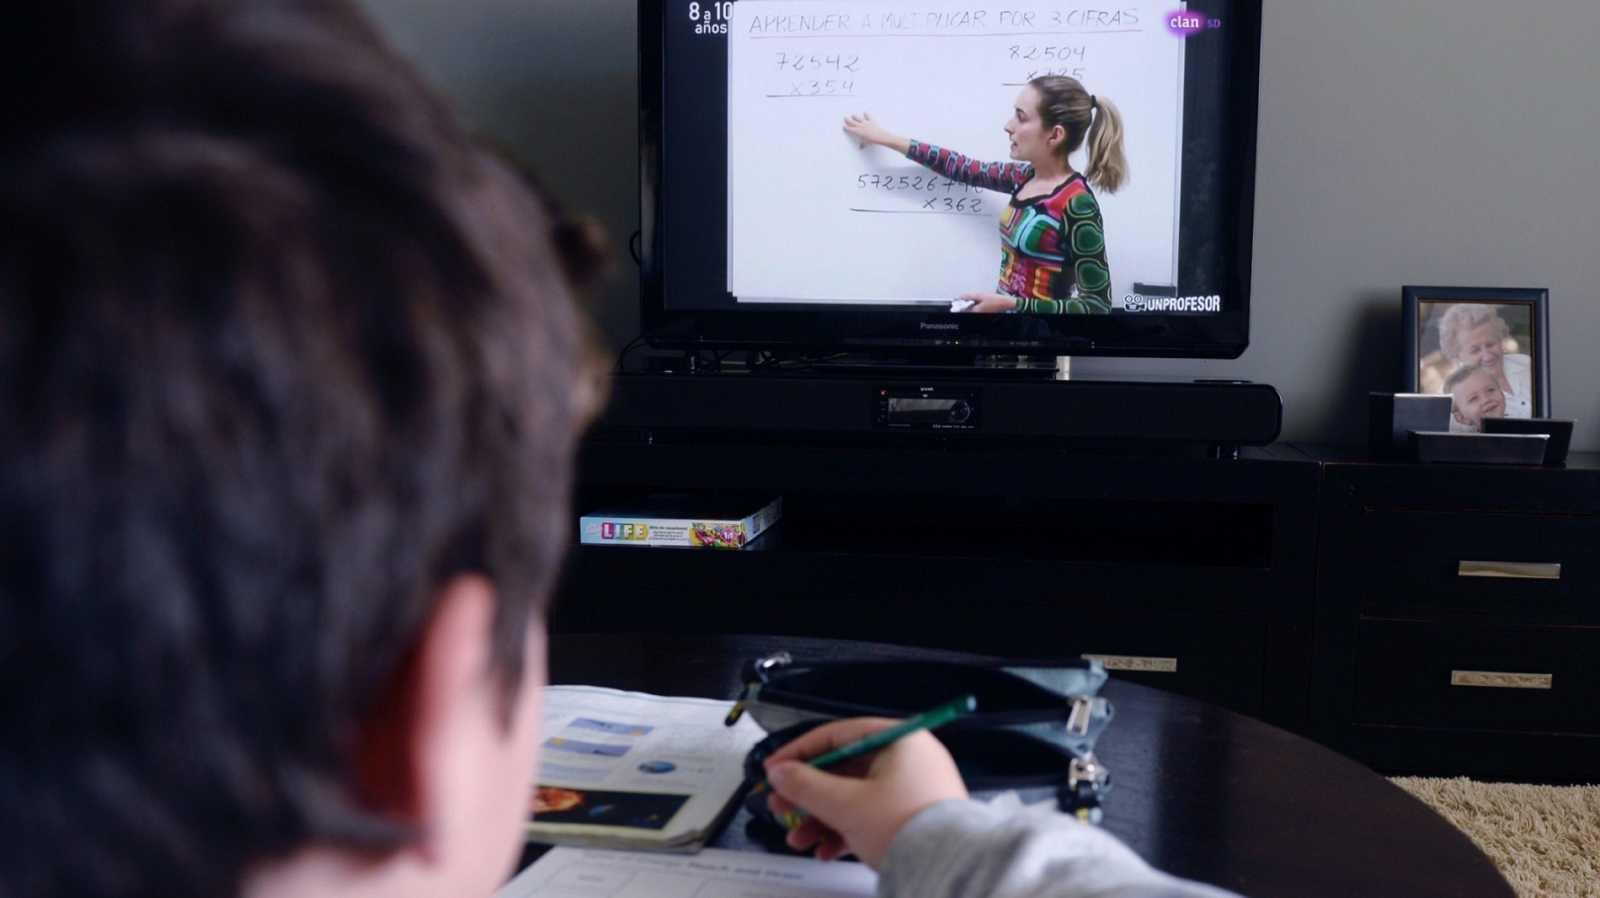 Un niño sigue desde el televisor de su casa, la programación educativa del canal Clan de RTVE